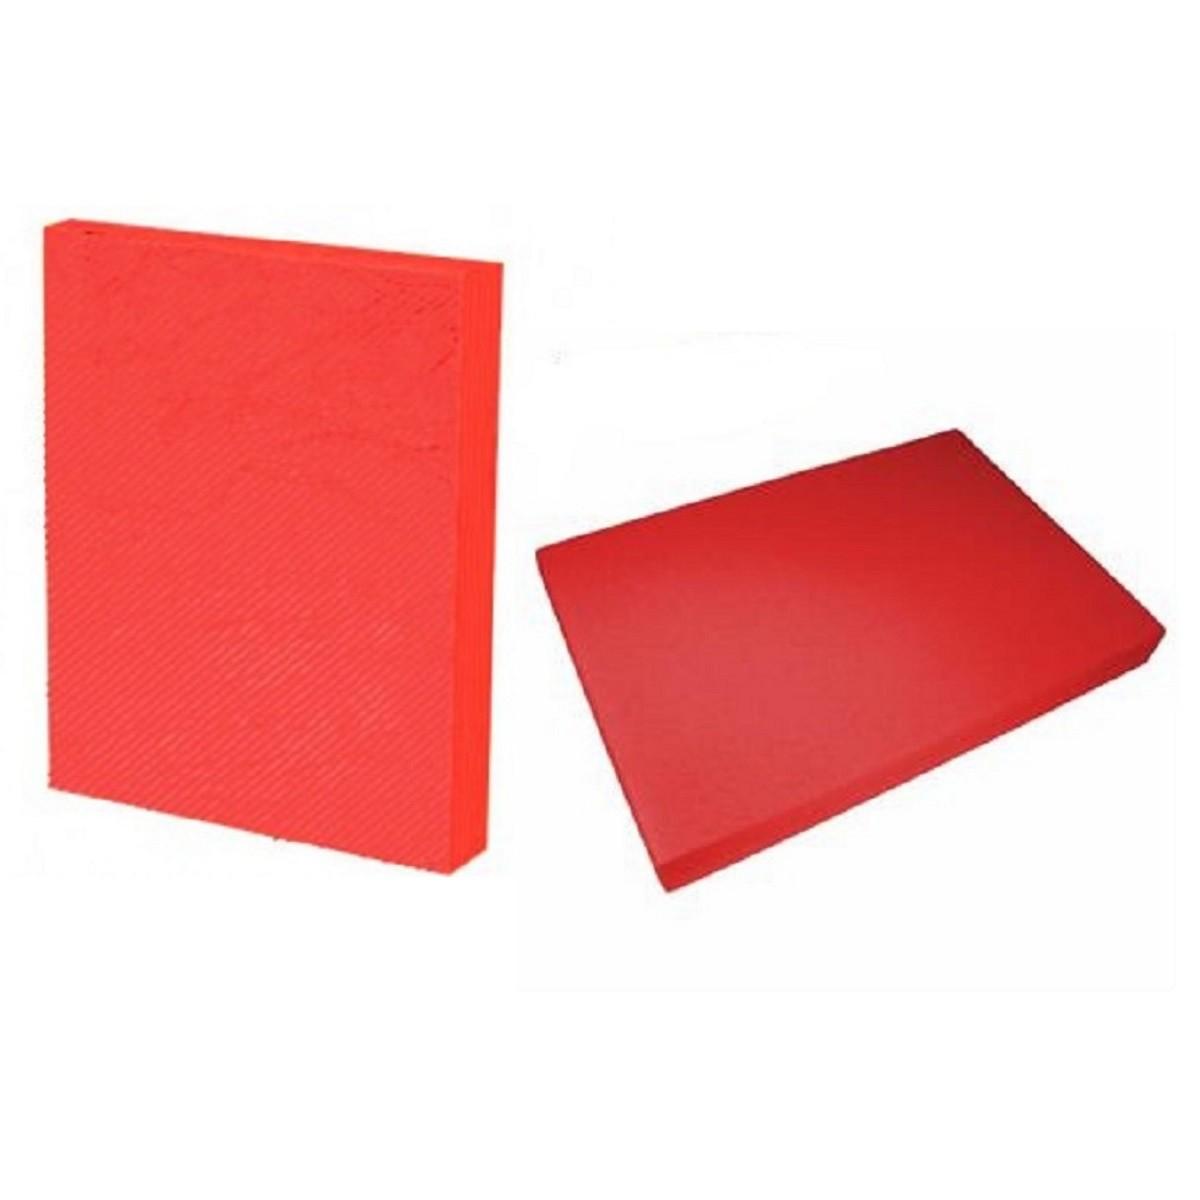 Kit 200 Capas para Encadernação A4 Vermelho  - Click Suprimentos